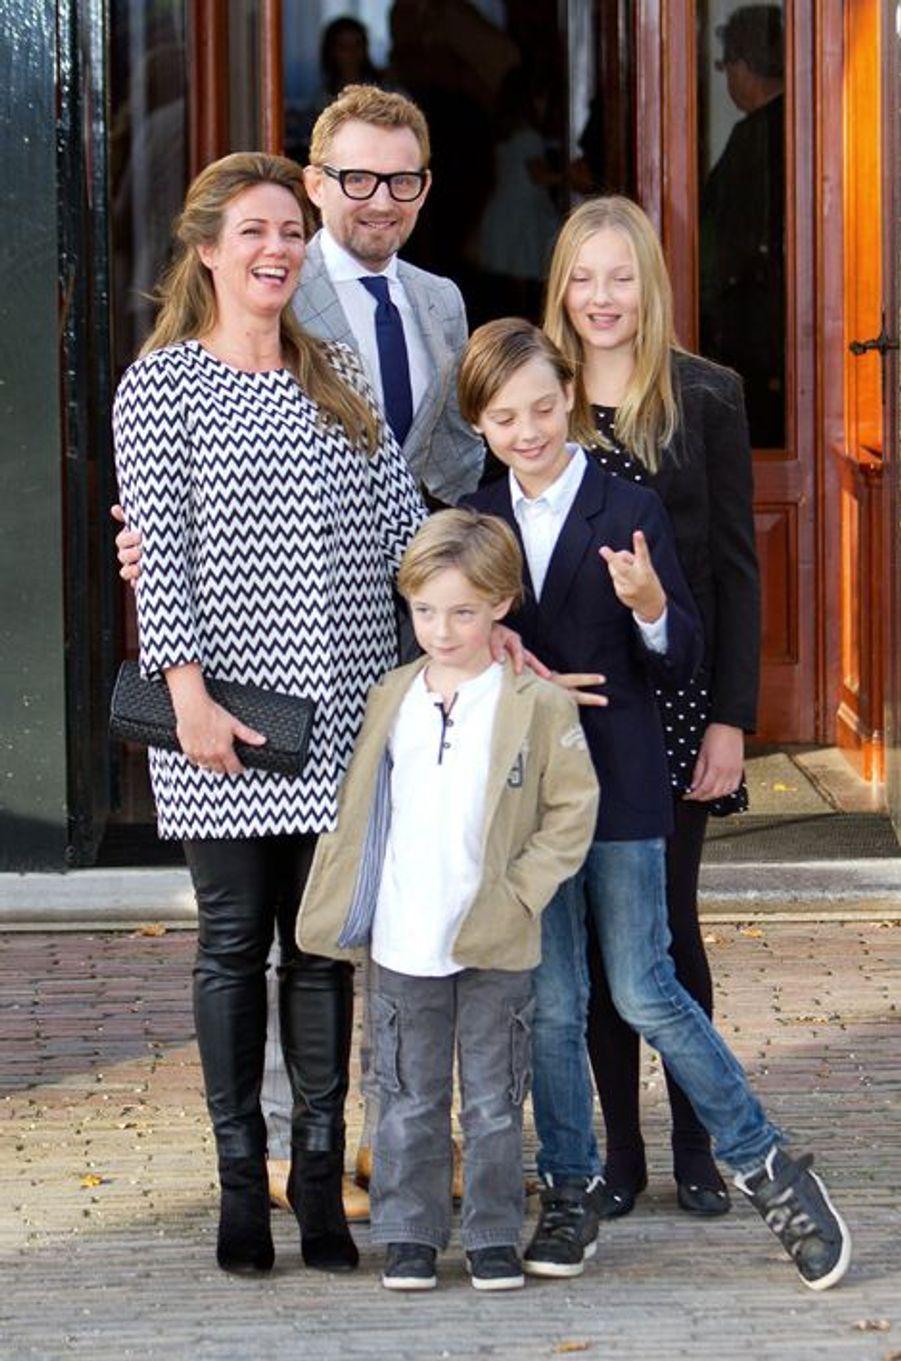 Le prince Bernhard, frère de Floris, avec la princesse Annette et leurs enfants à Apeldoorn le 9 novembre 2014